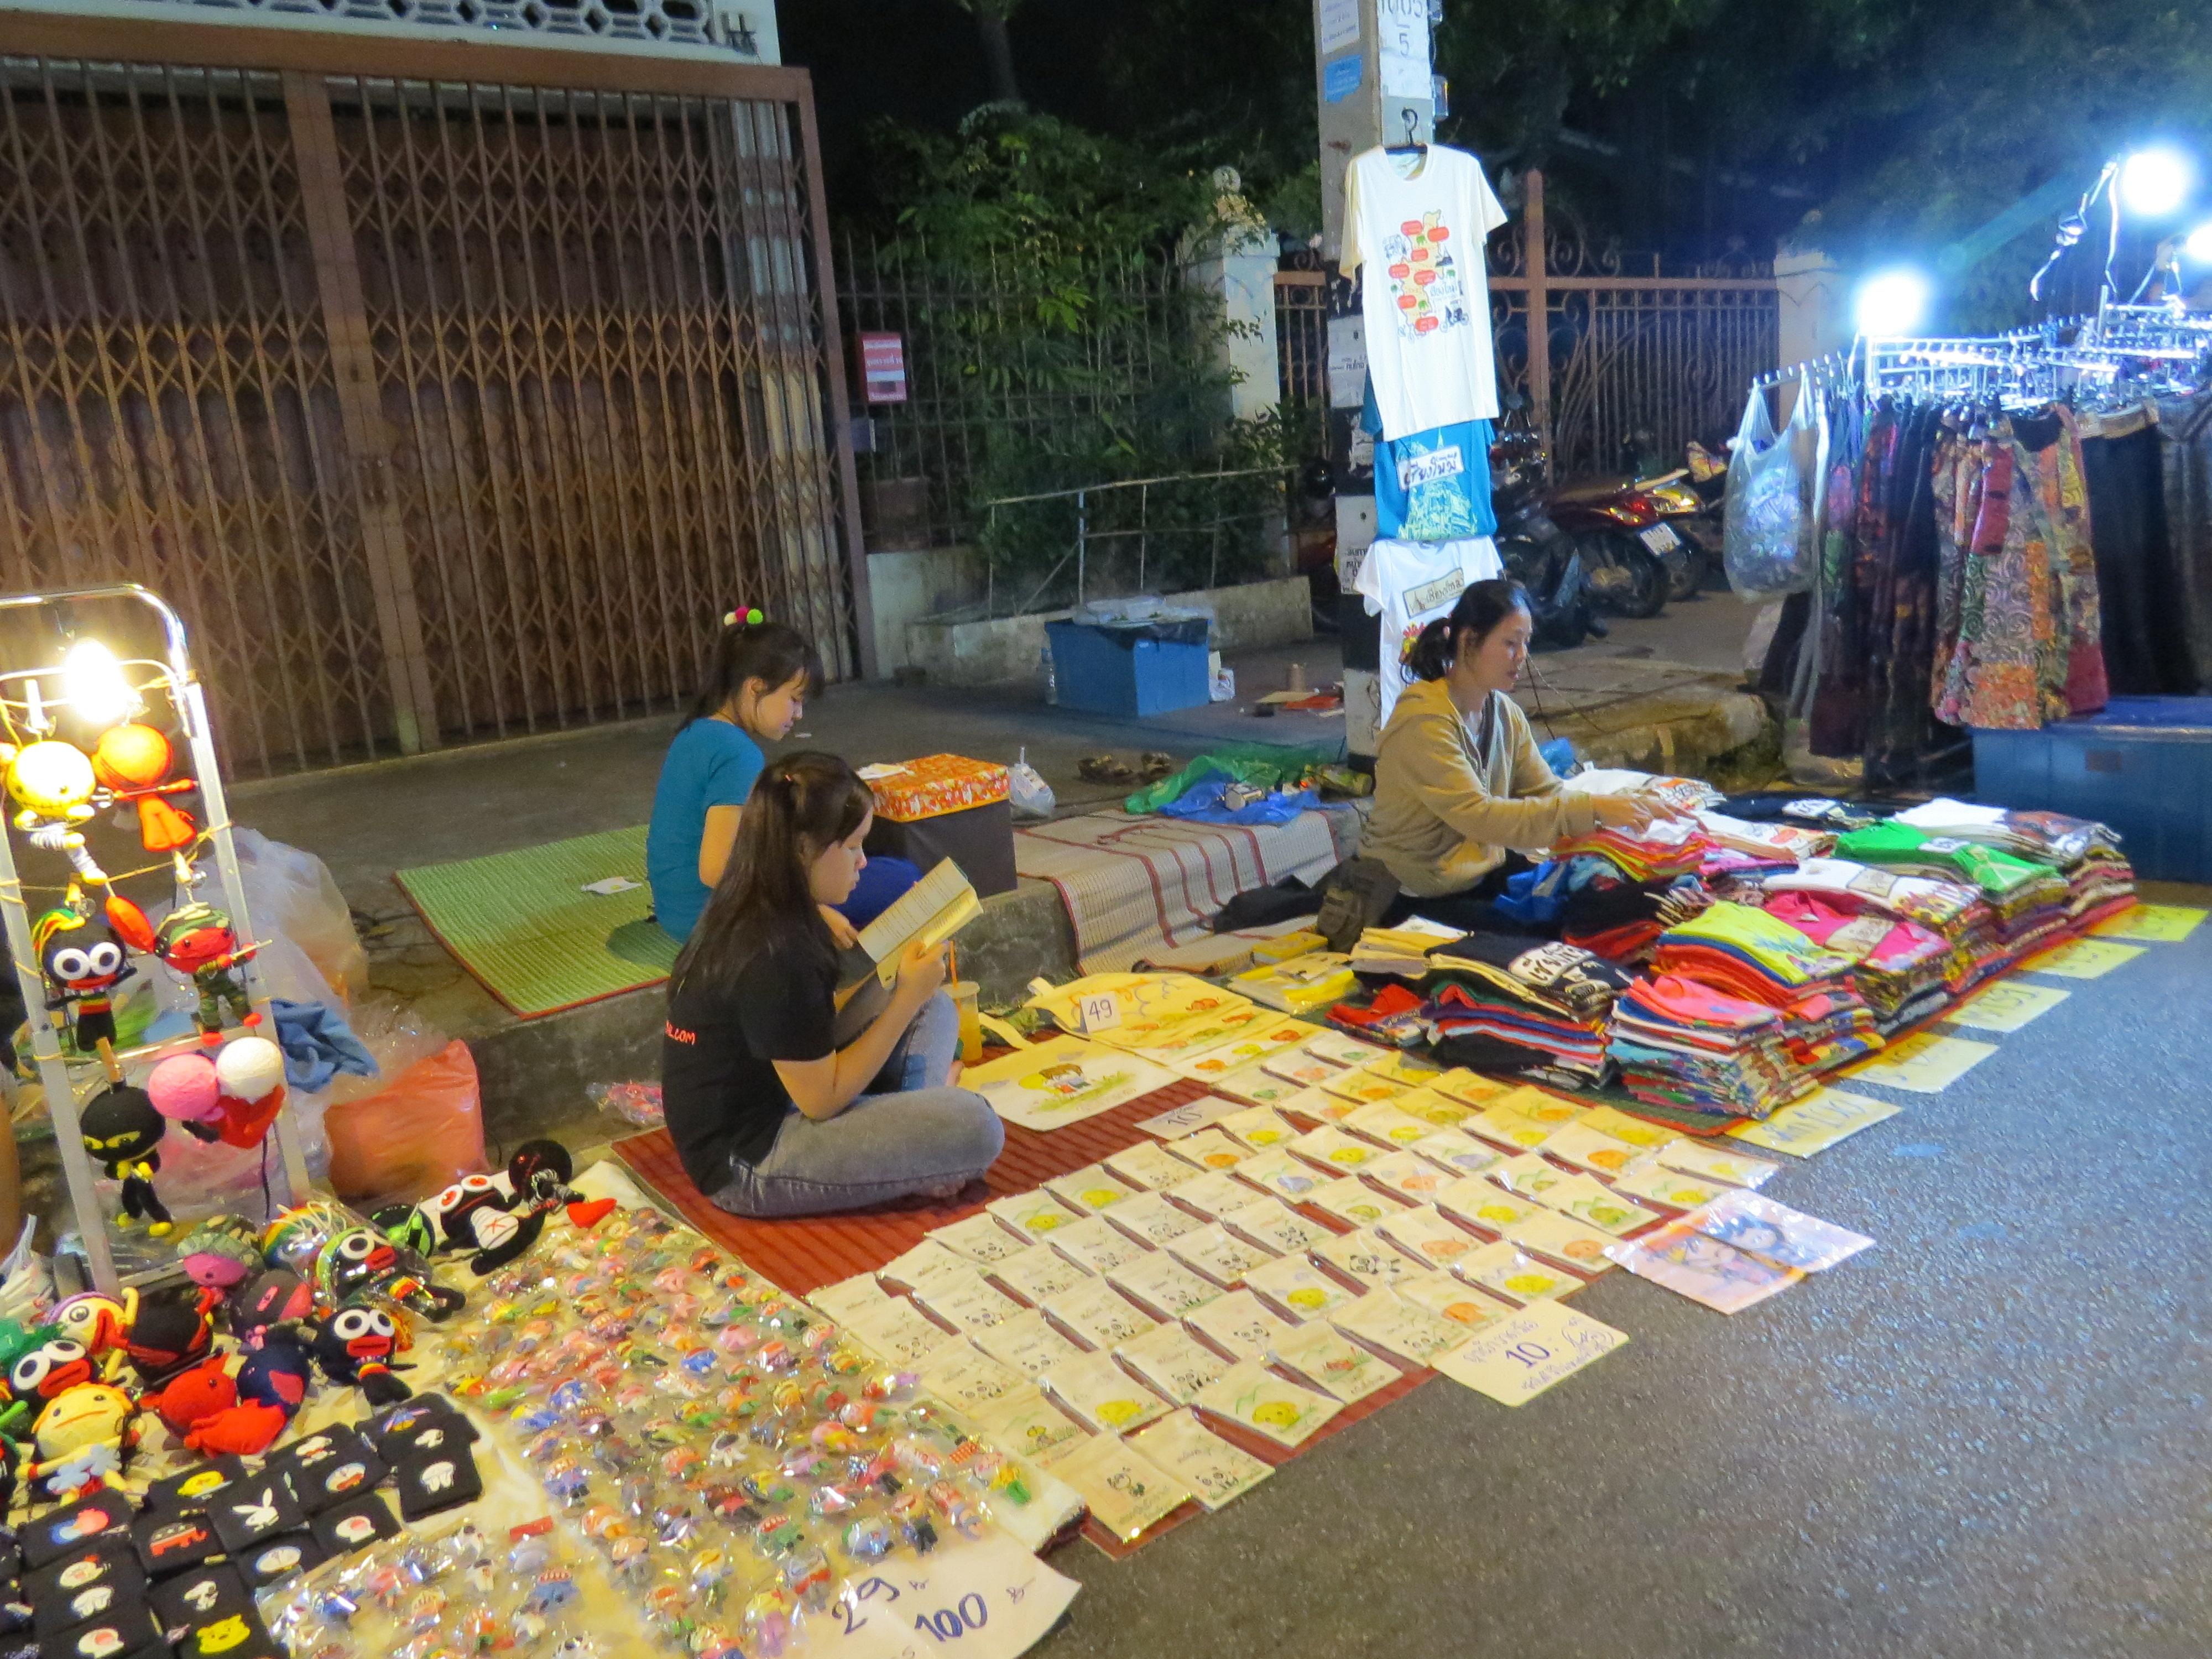 Kazdy w Chiang Mai jest na tym bazarze, ablo jako sprzedawca albo jako kupujacy